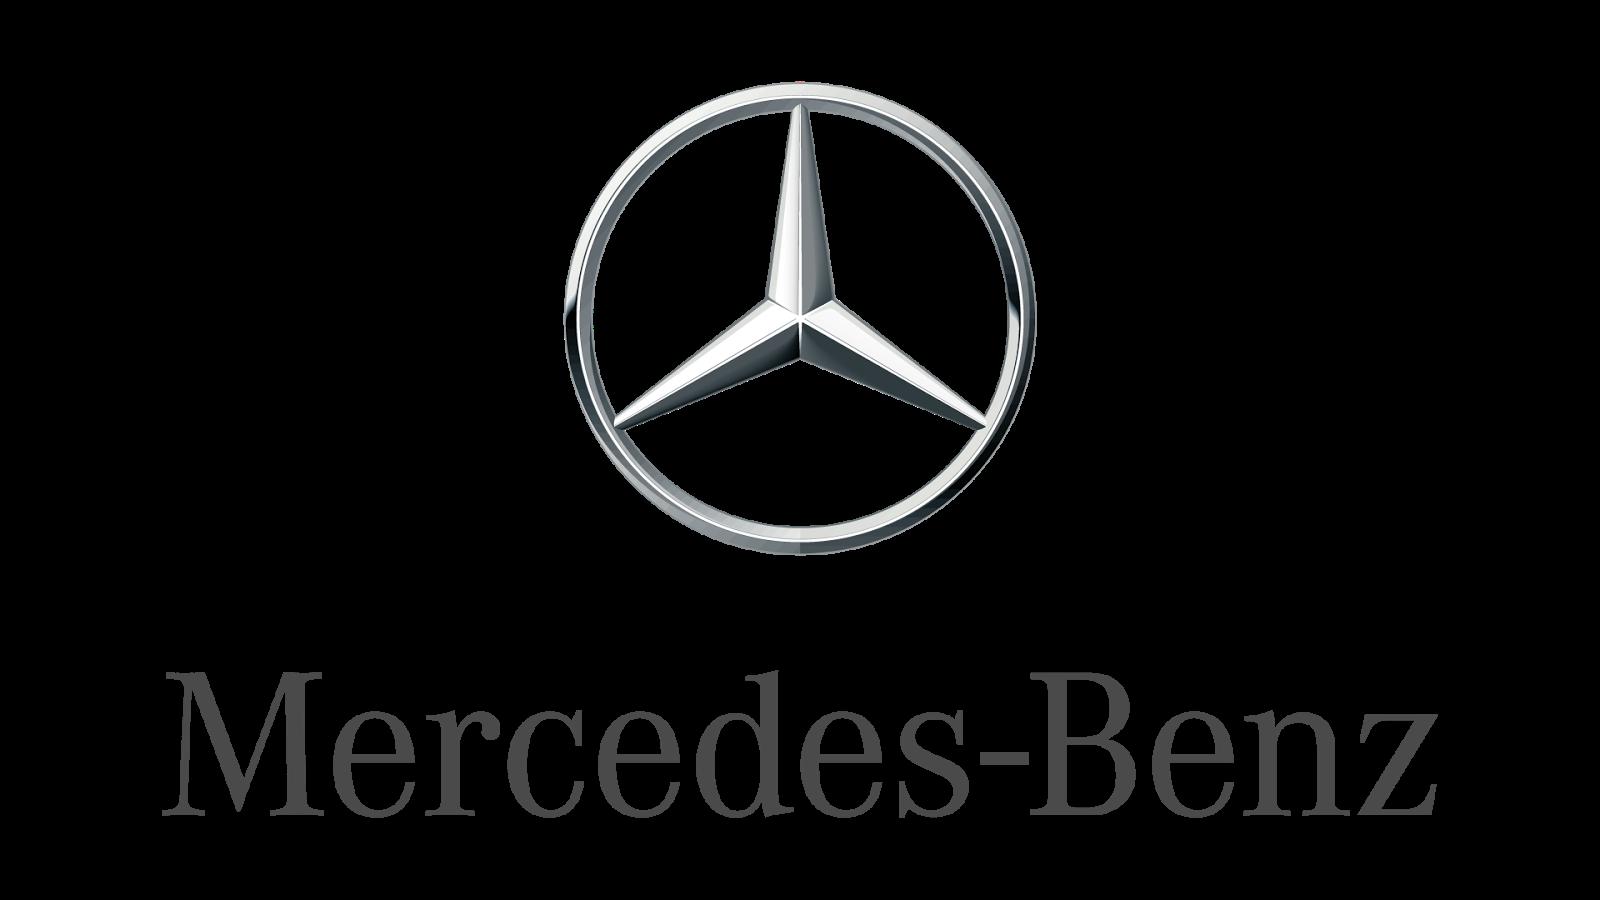 Mercedes-Benz Night abre temporada de eventos da marca com novo conceito d015ed2d44088